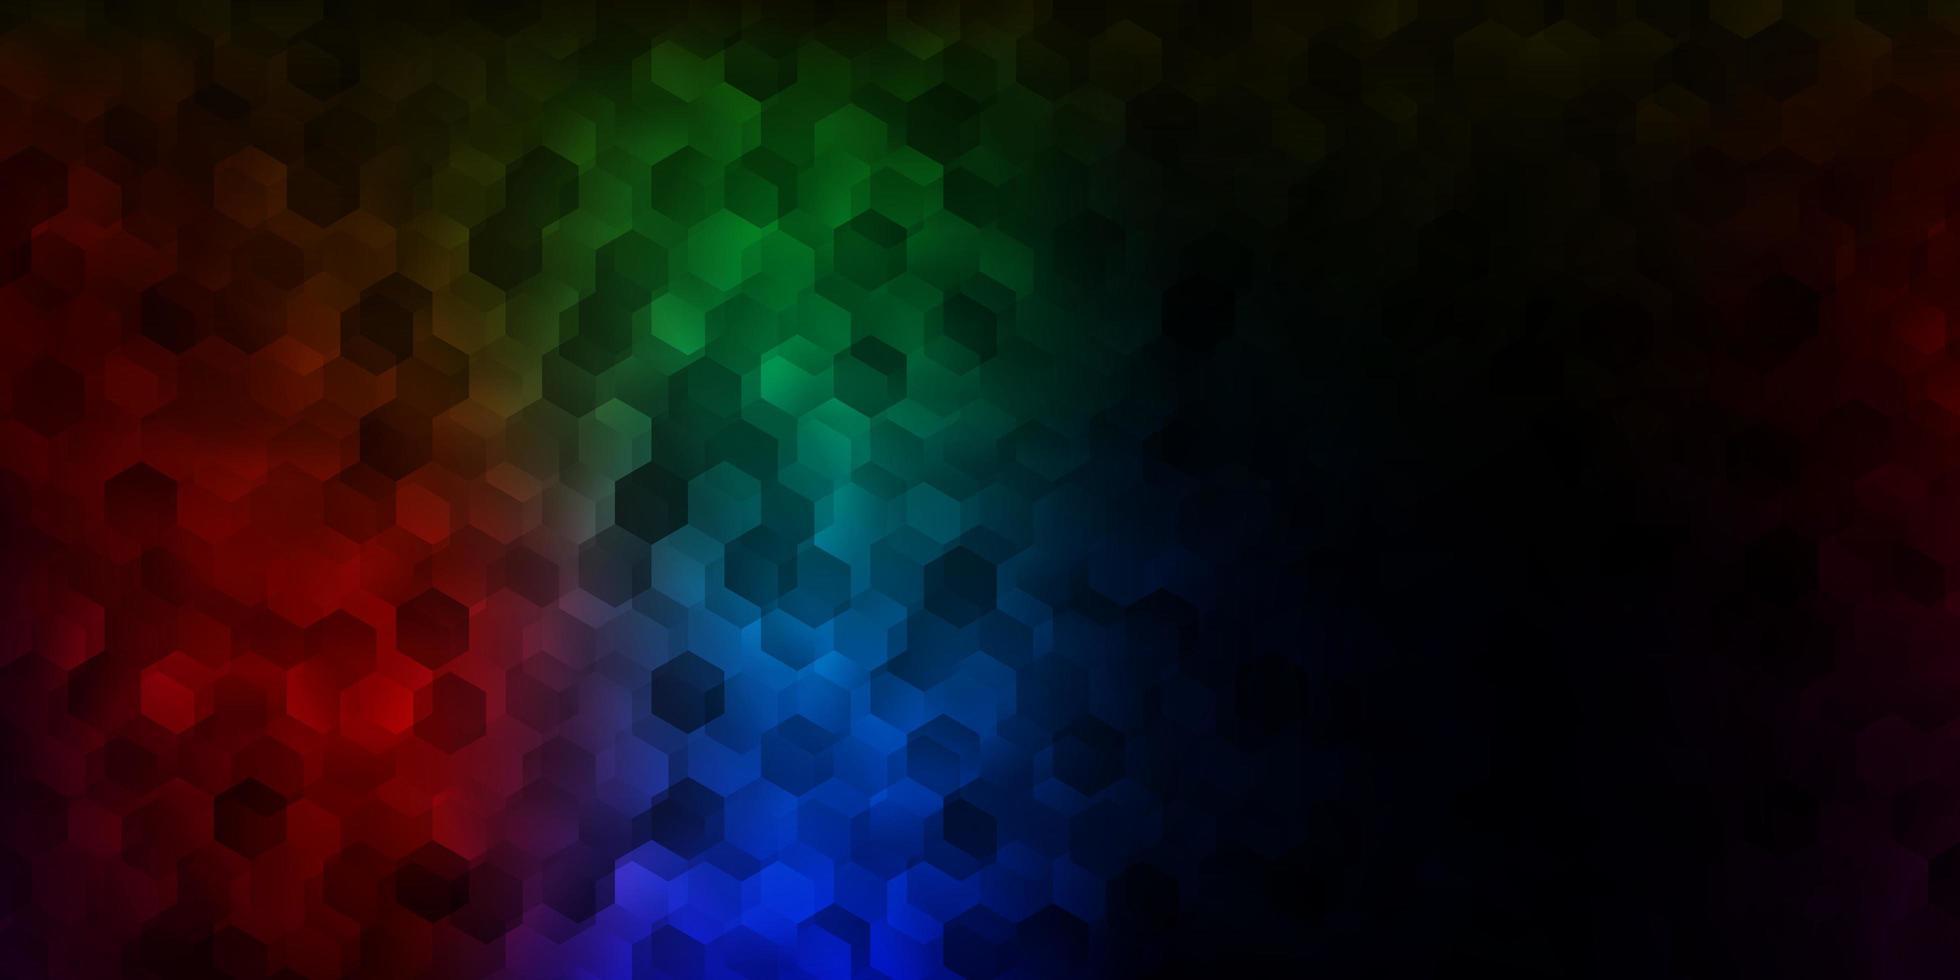 donkere veelkleurige achtergrond met chaotische vormen. vector